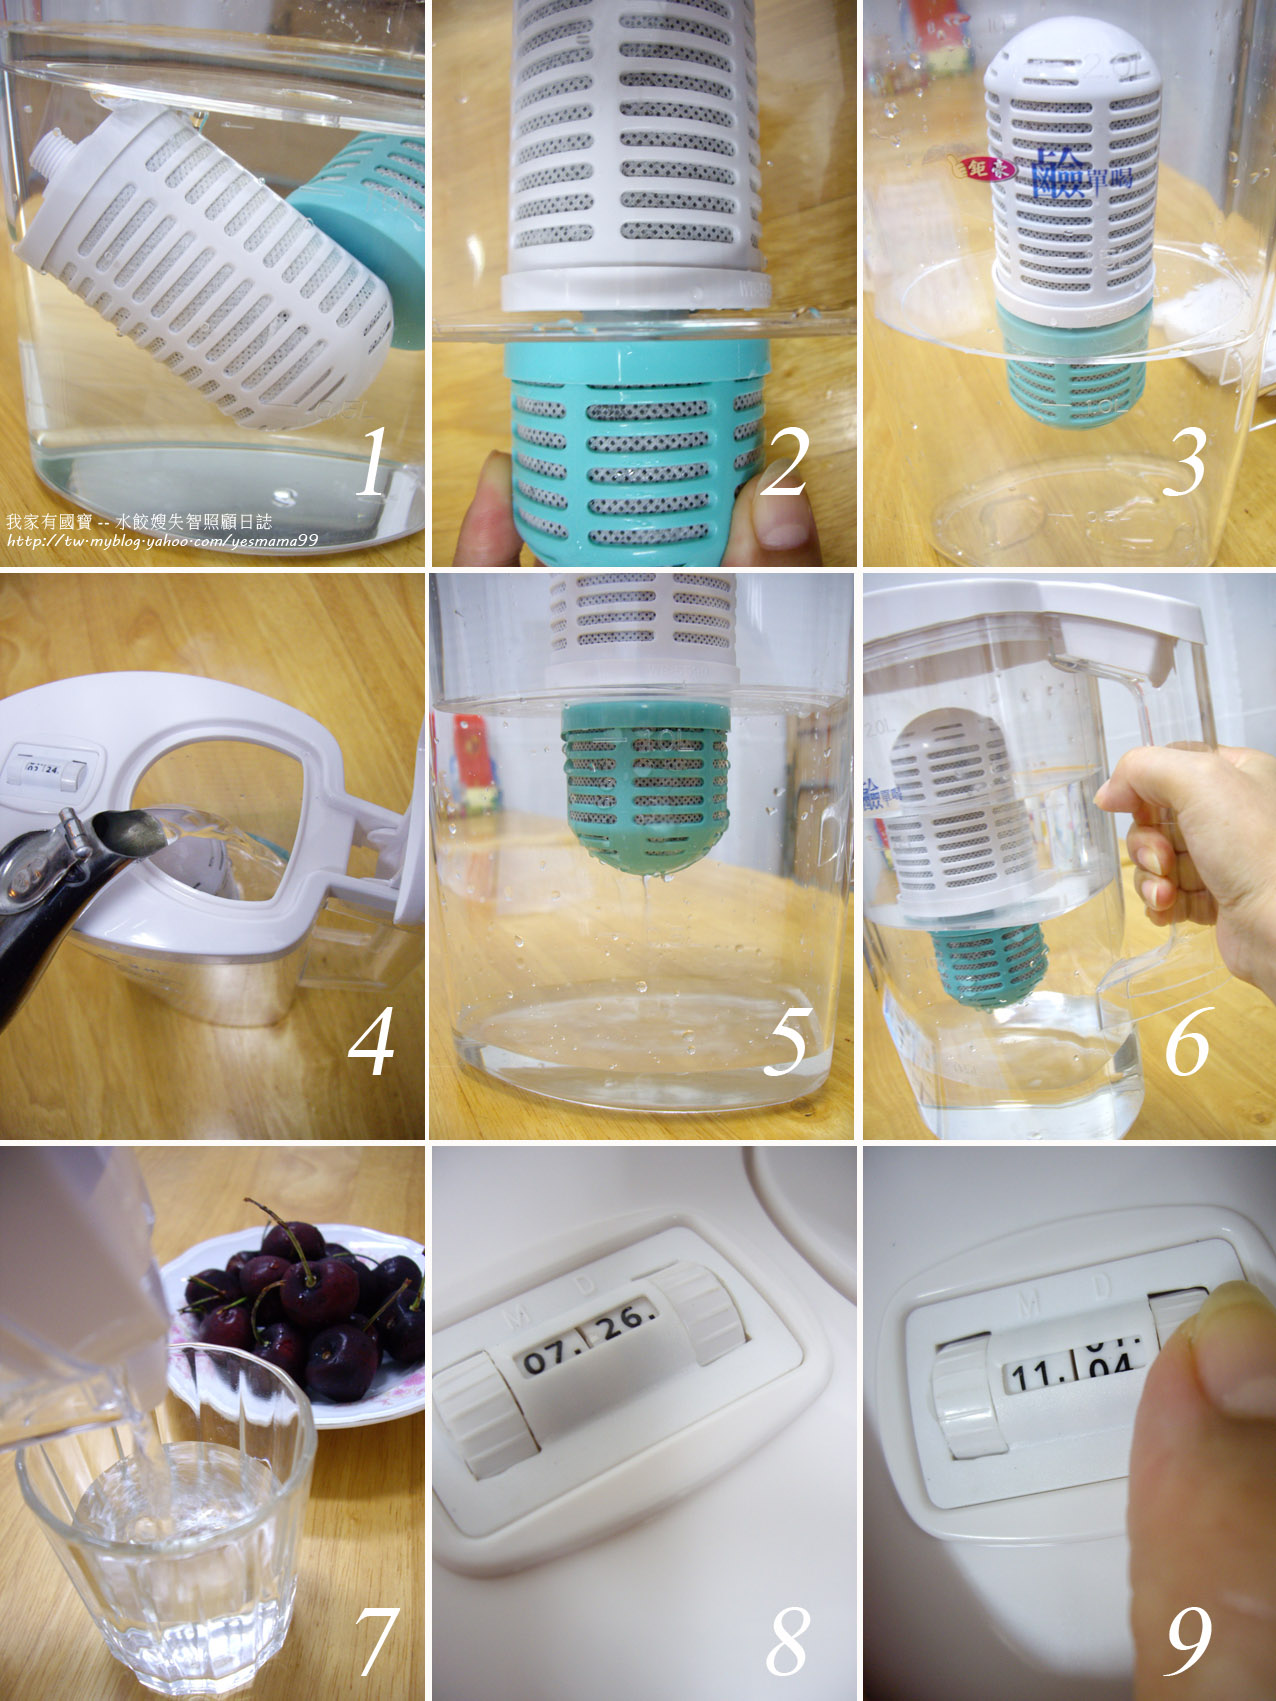 豪‧簡單喝濾水壺-實際操作1~9步驟組裝照片